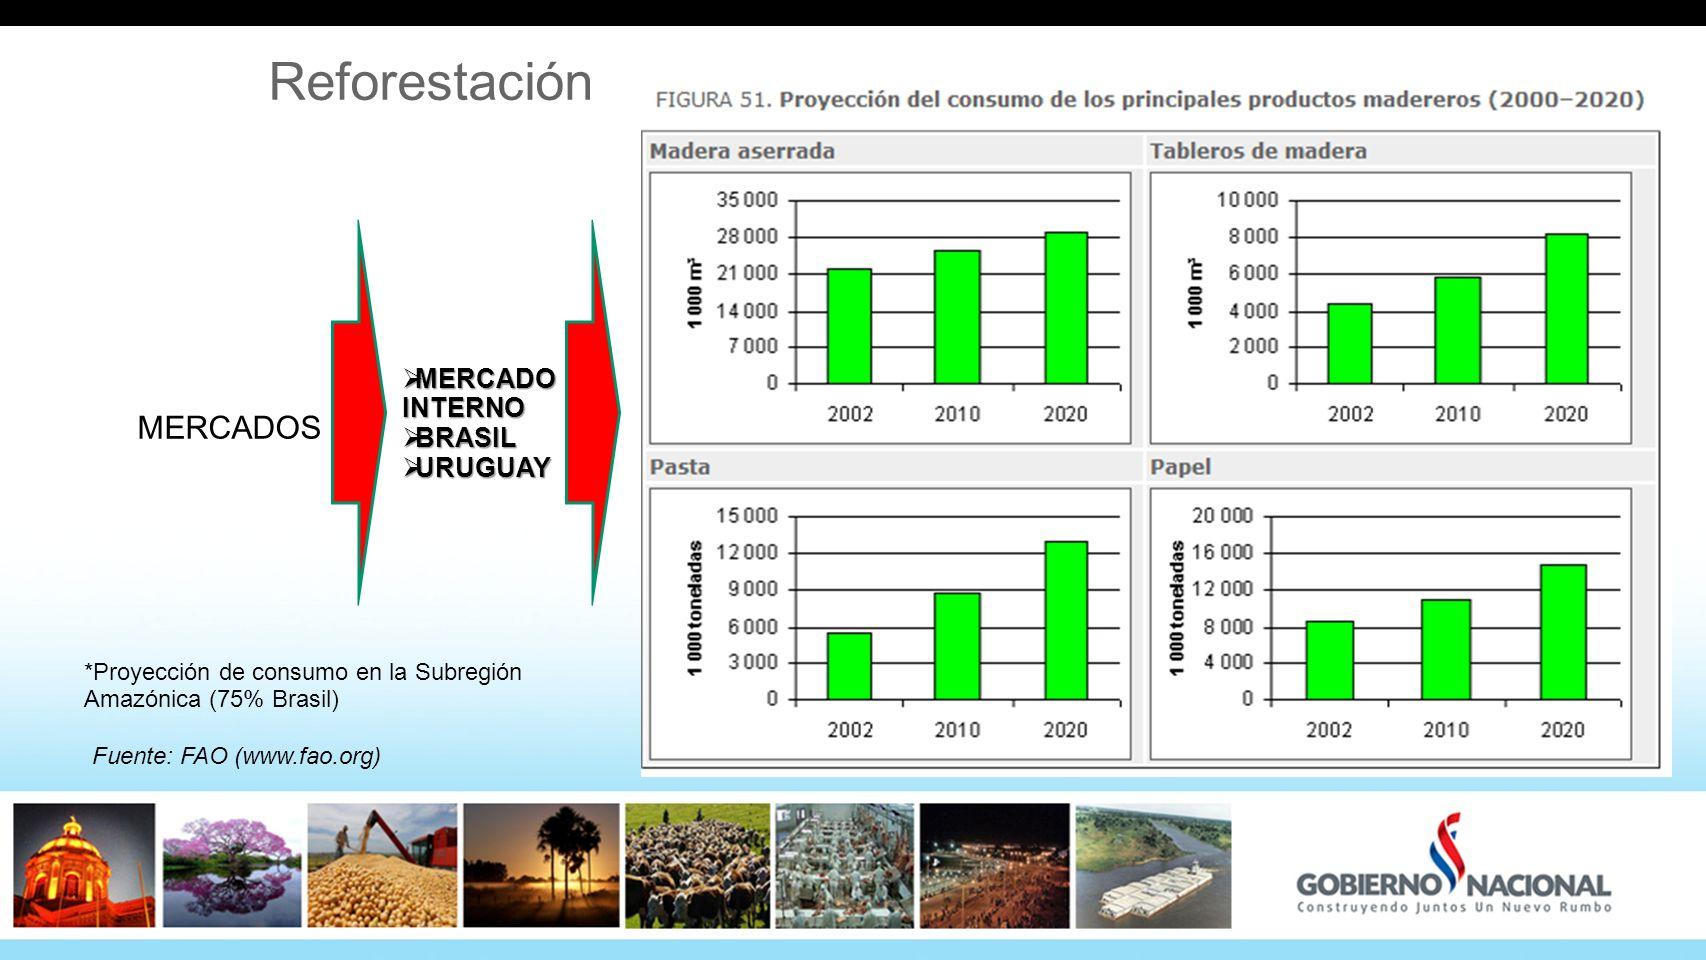 Reforestación MERCADOS MERCADO INTERNO BRASIL URUGUAY